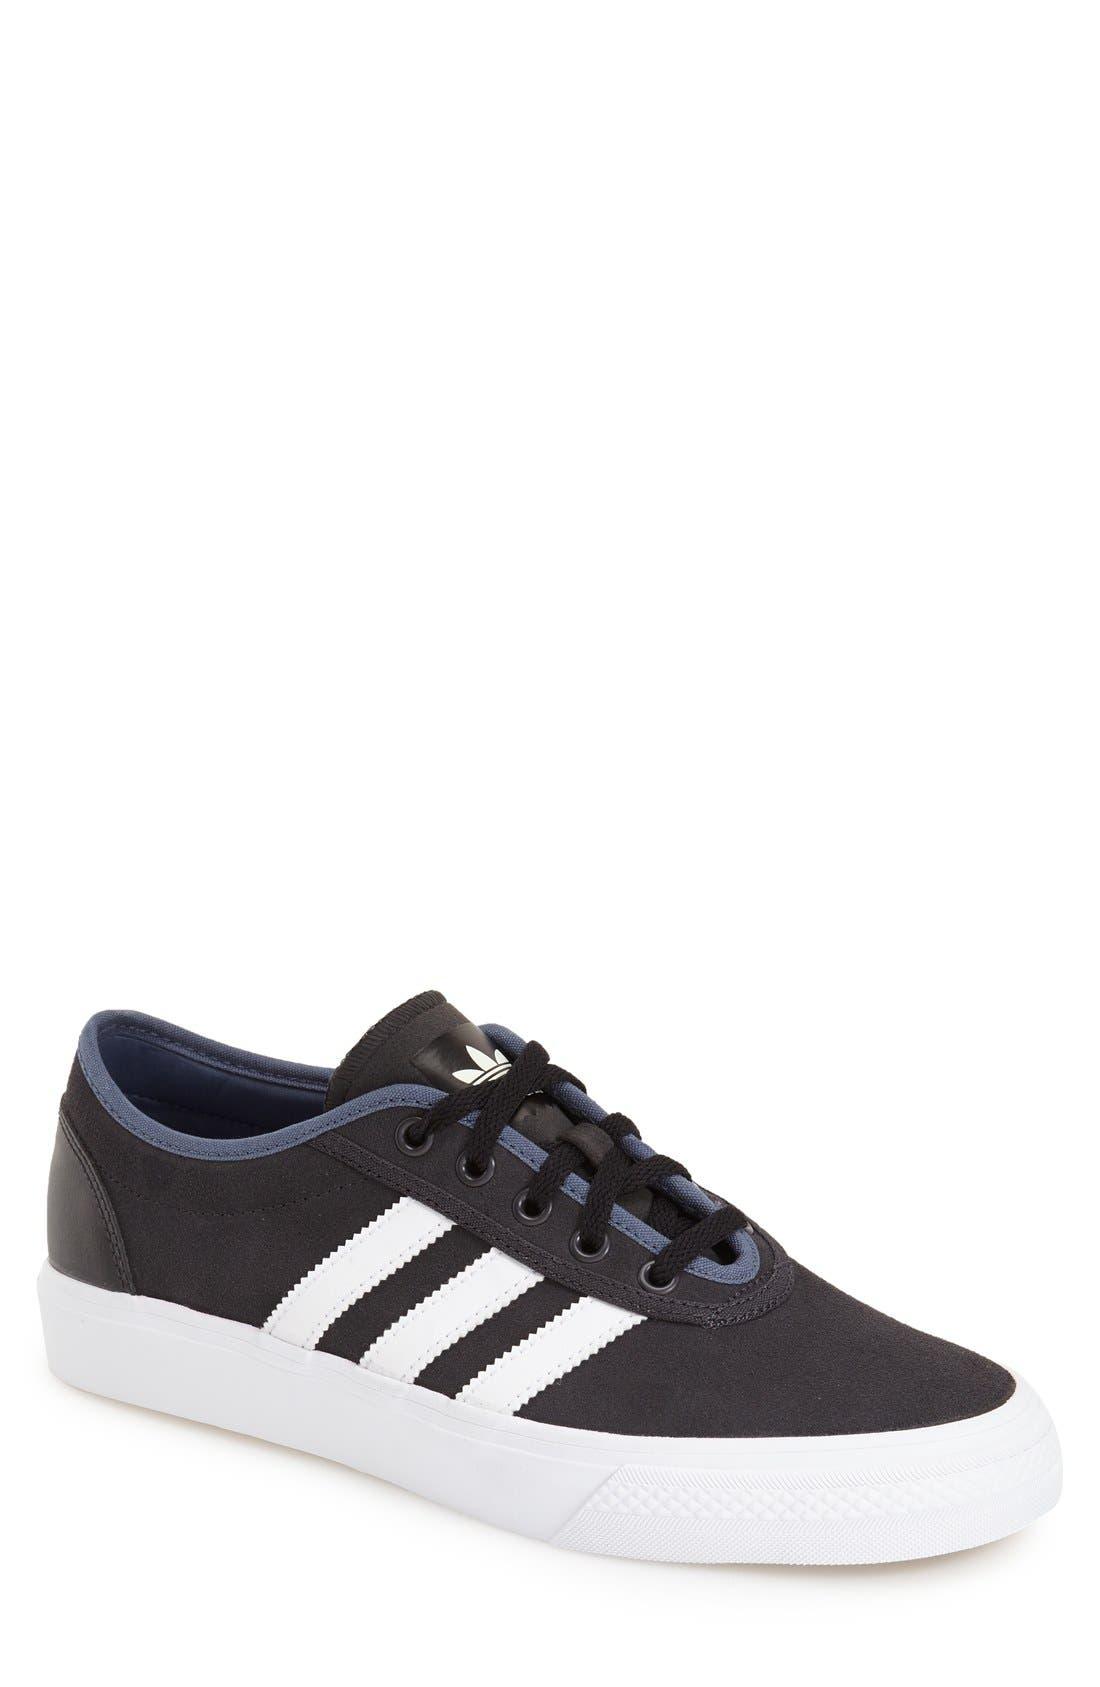 'Adi-Ease' Skate Sneaker,                         Main,                         color, 021